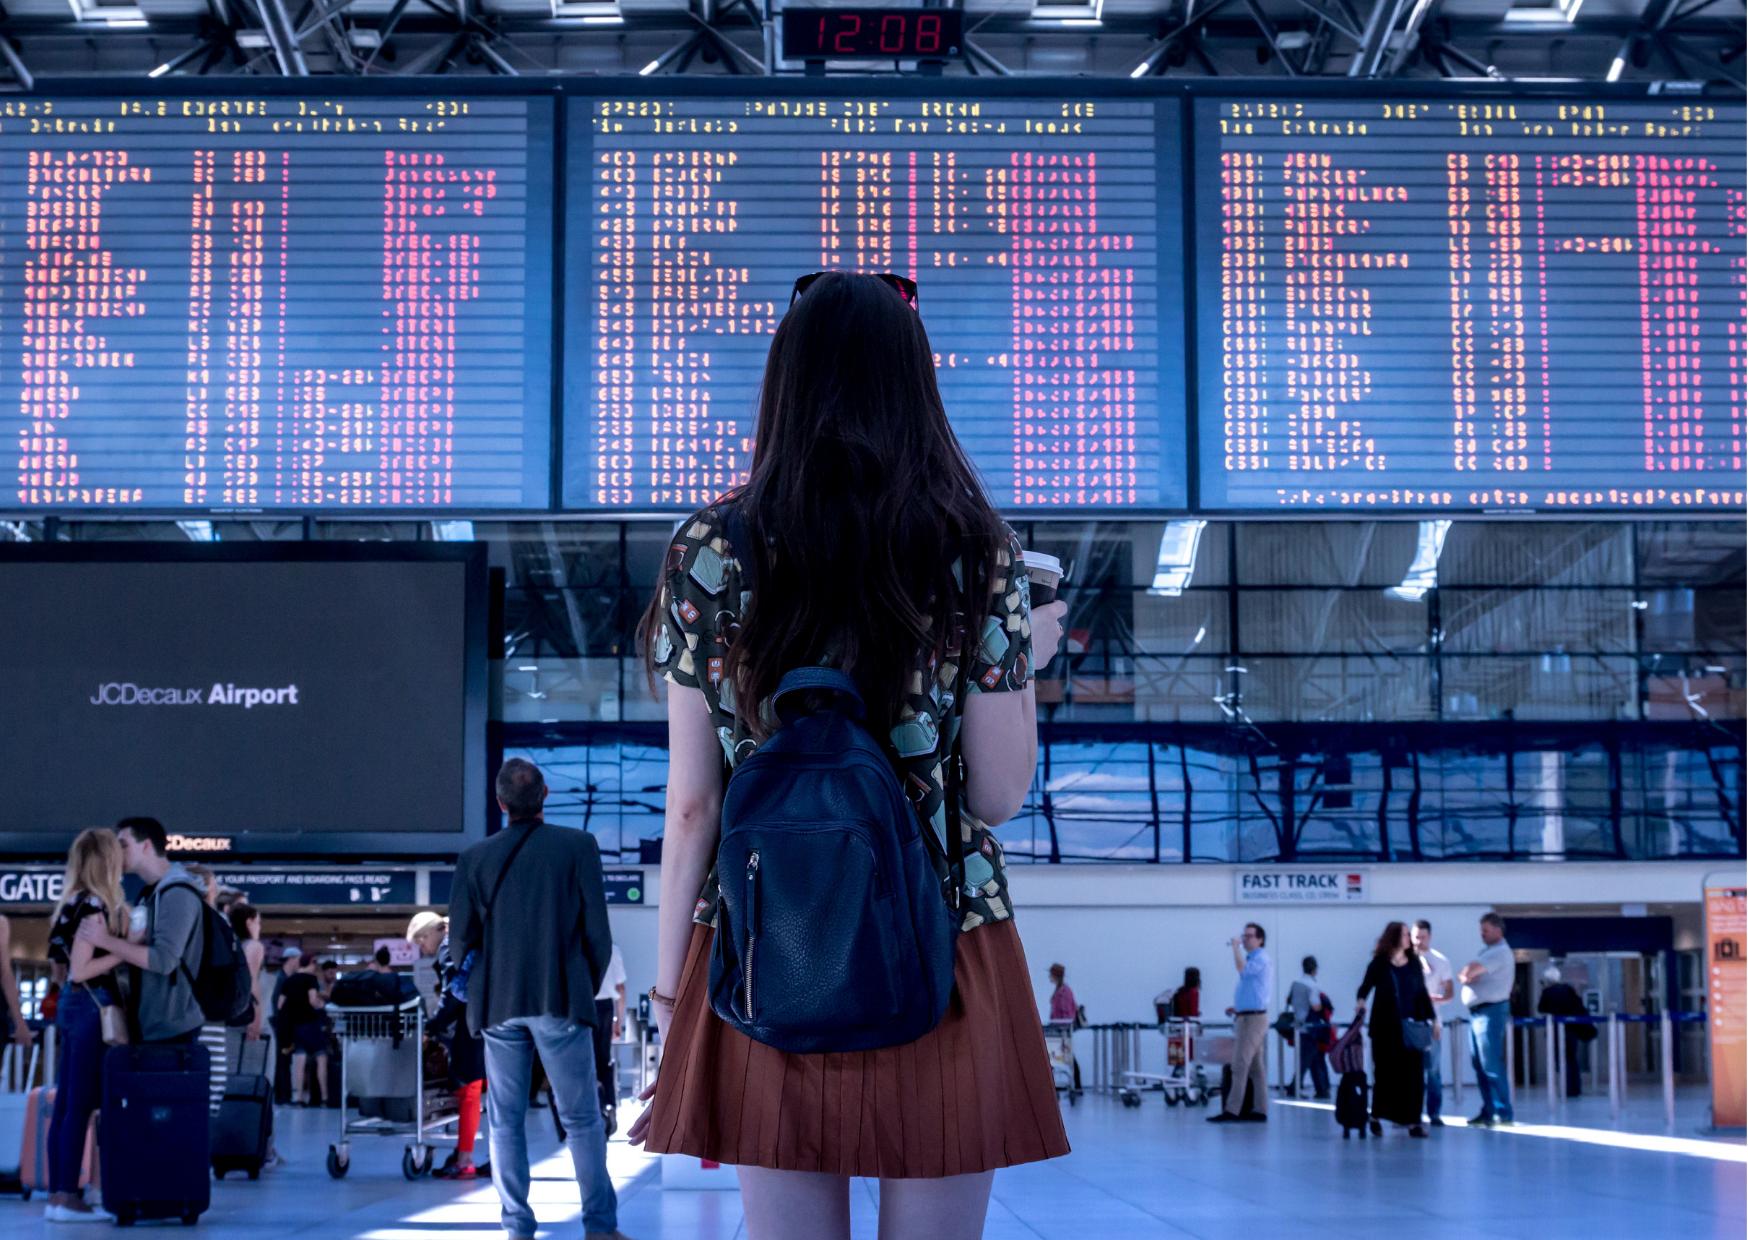 ¿Qué te molesta en los viajes? фото